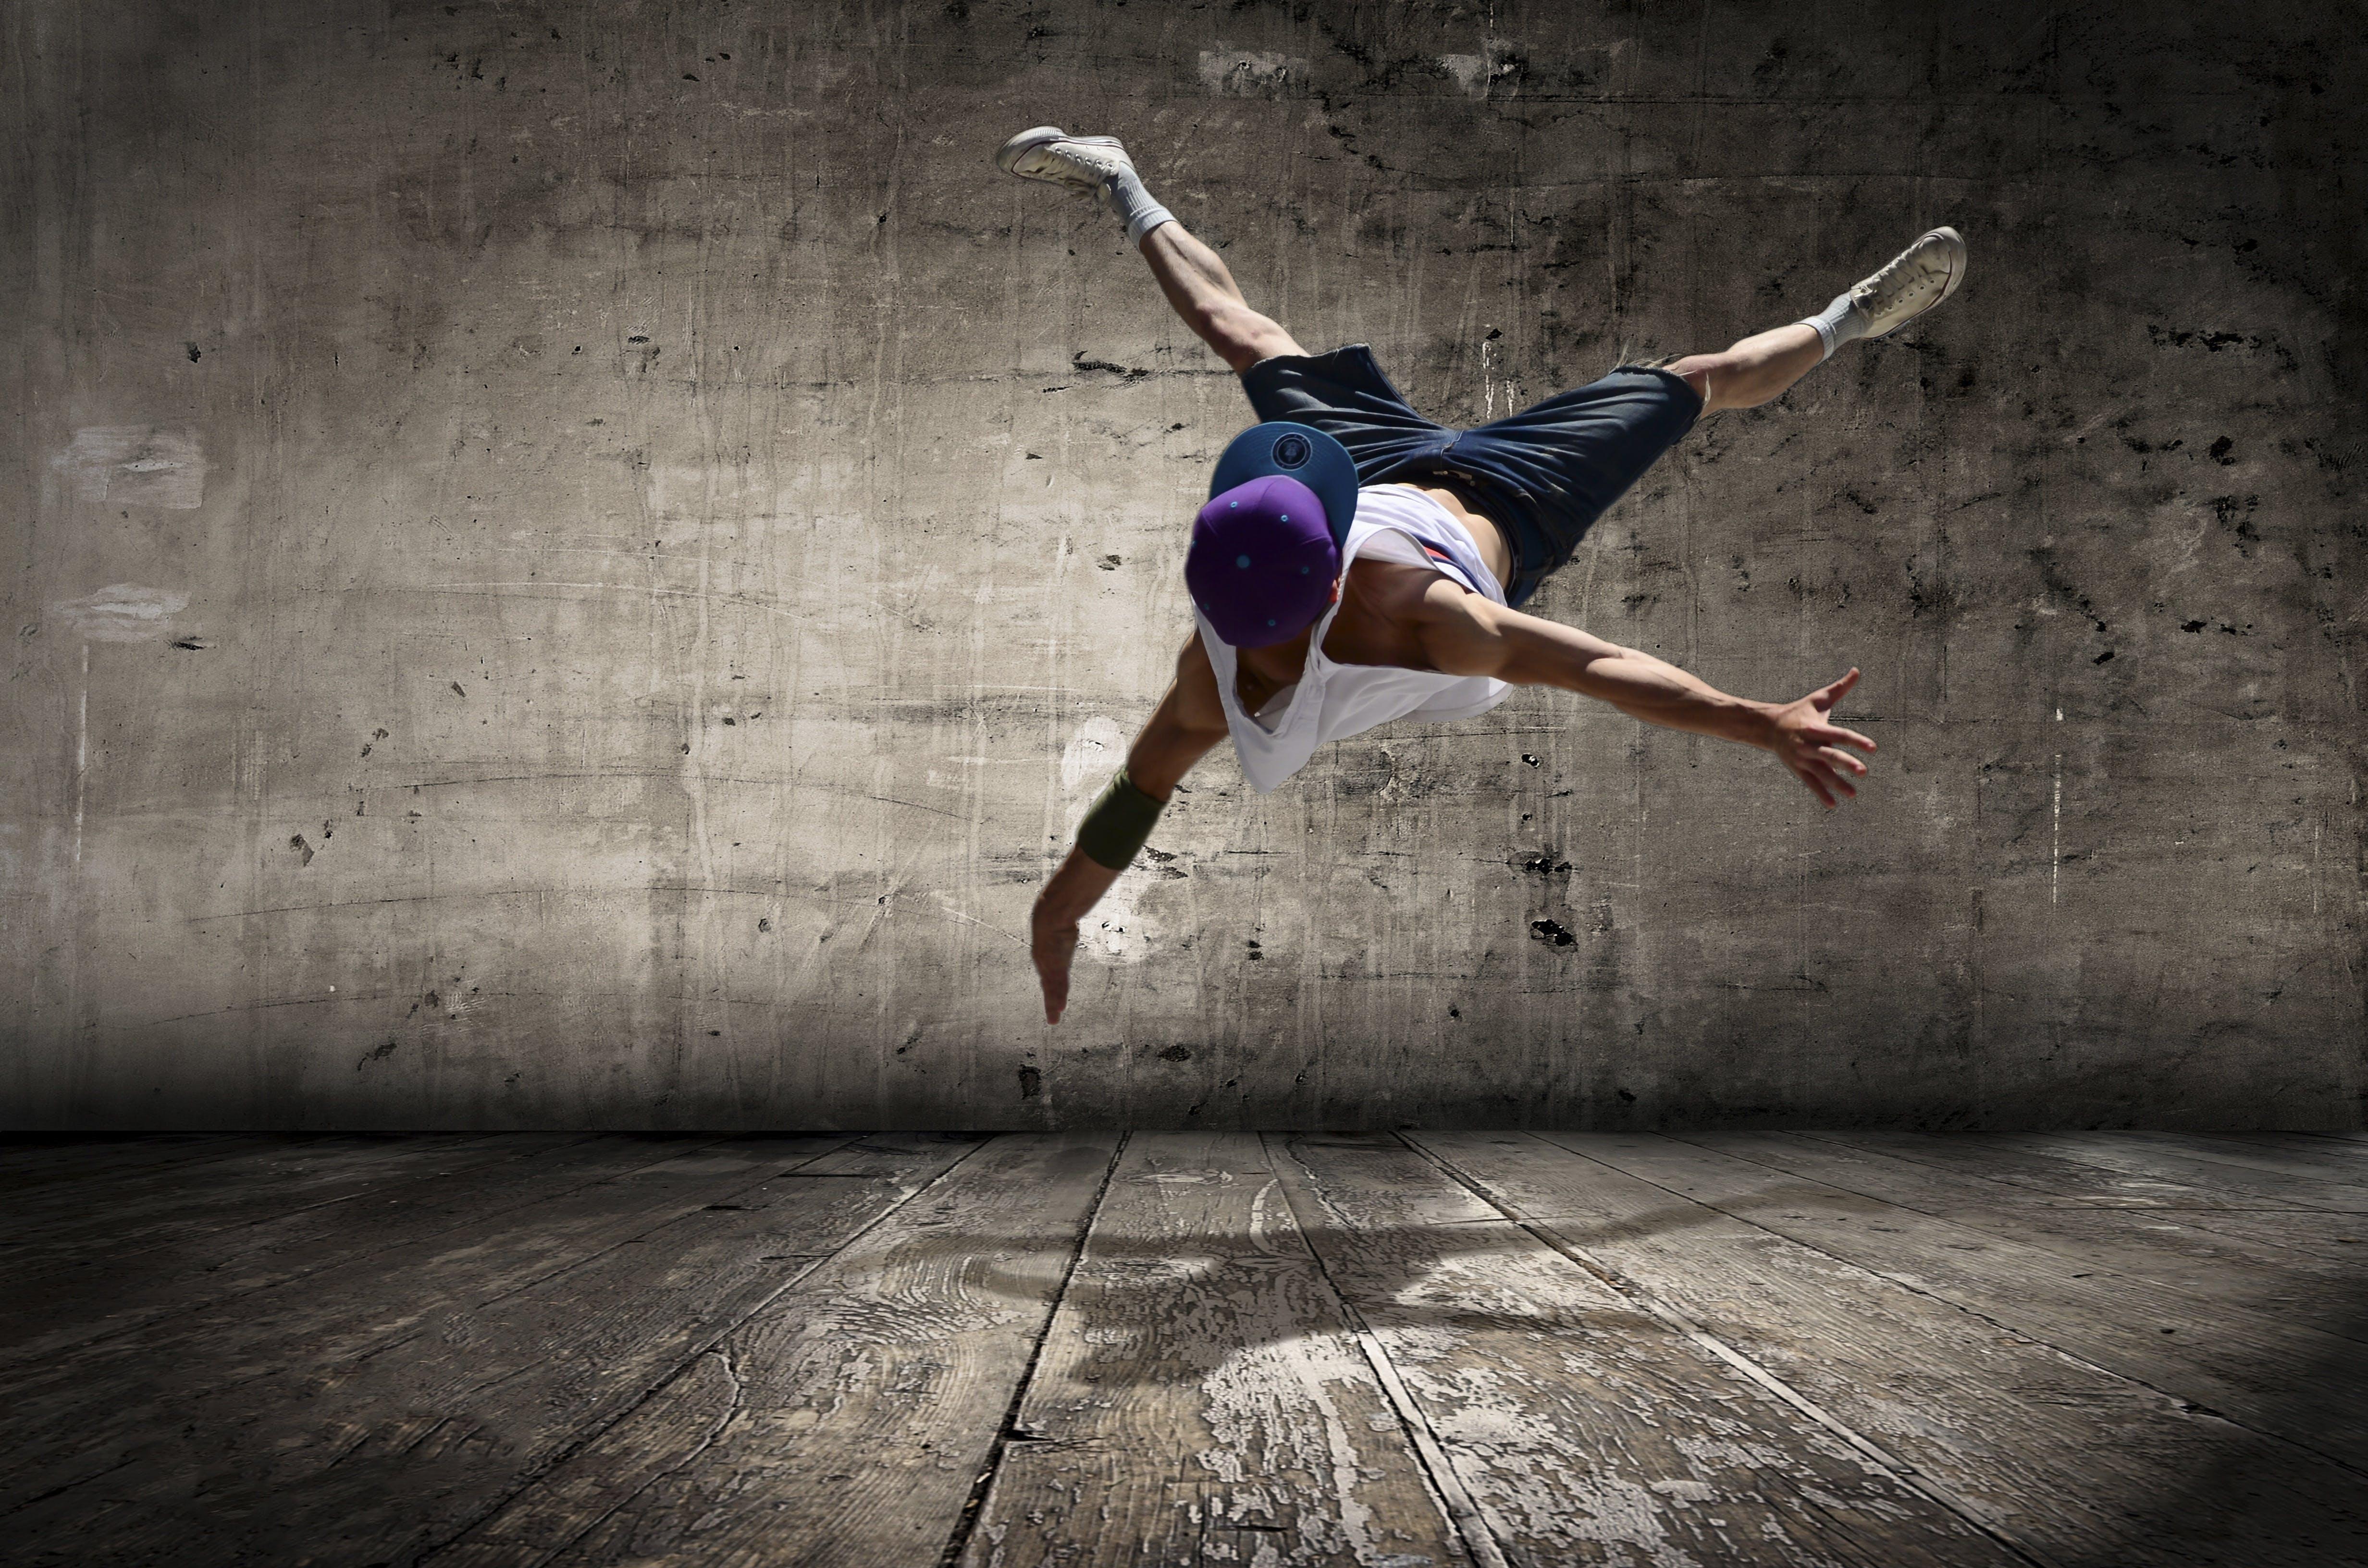 Gratis arkivbilde med agility, aktiv, bevegelse, bruke